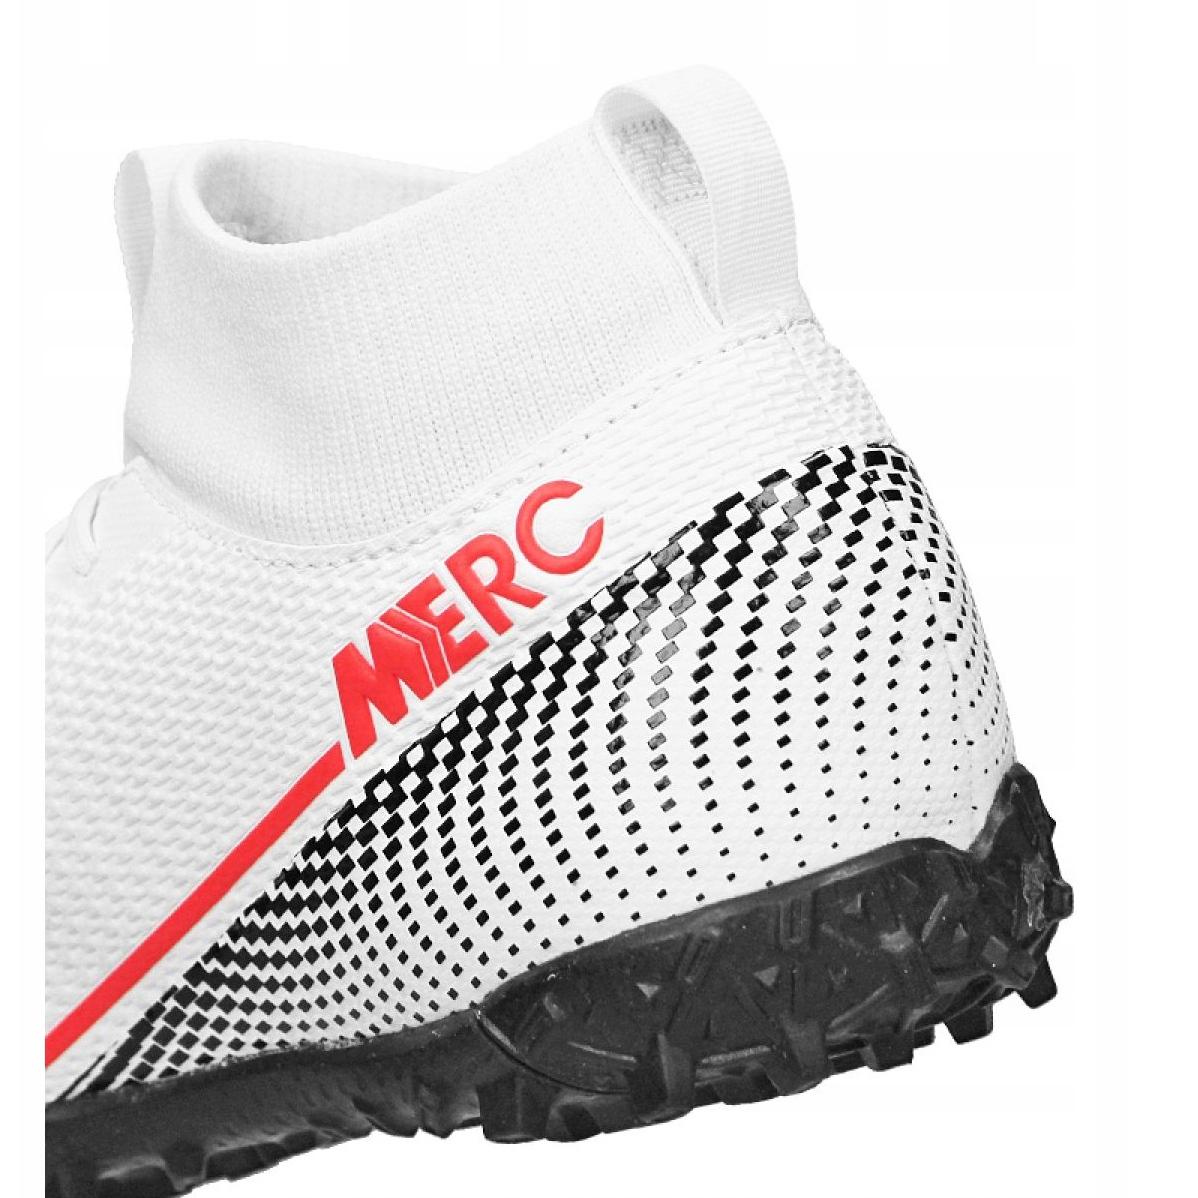 Scarpe-da-calcio-Nike-Superfly-7-Academy-Tf-Jr-AT8143-160-bianco-multicolore miniatura 5